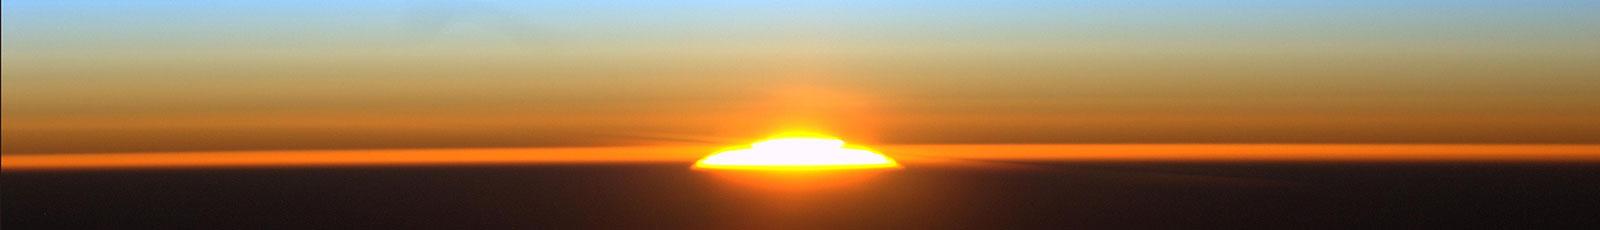 582752main_sunrise_from_iss-full_full-1600px